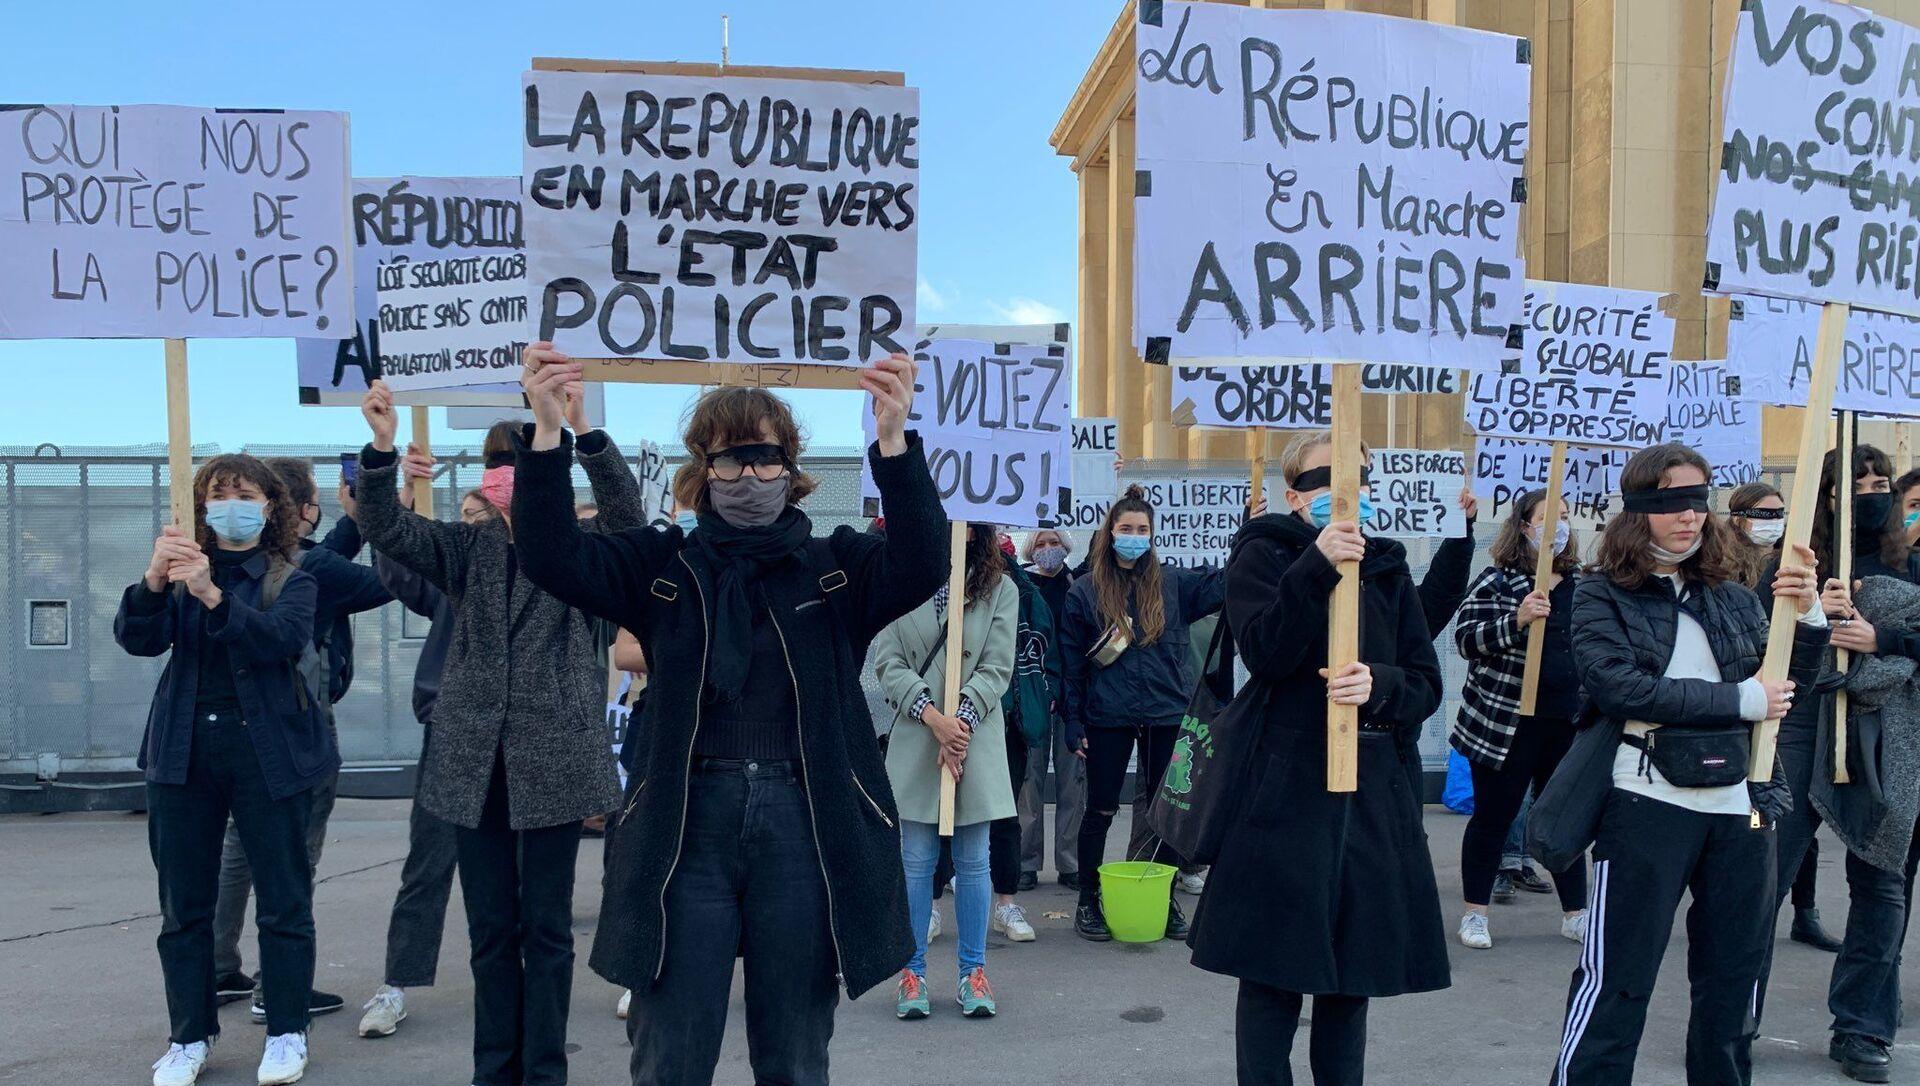 Manifestation contre la loi «sécurité globale» à Paris, 21 novembre 2020 - Sputnik France, 1920, 16.03.2021